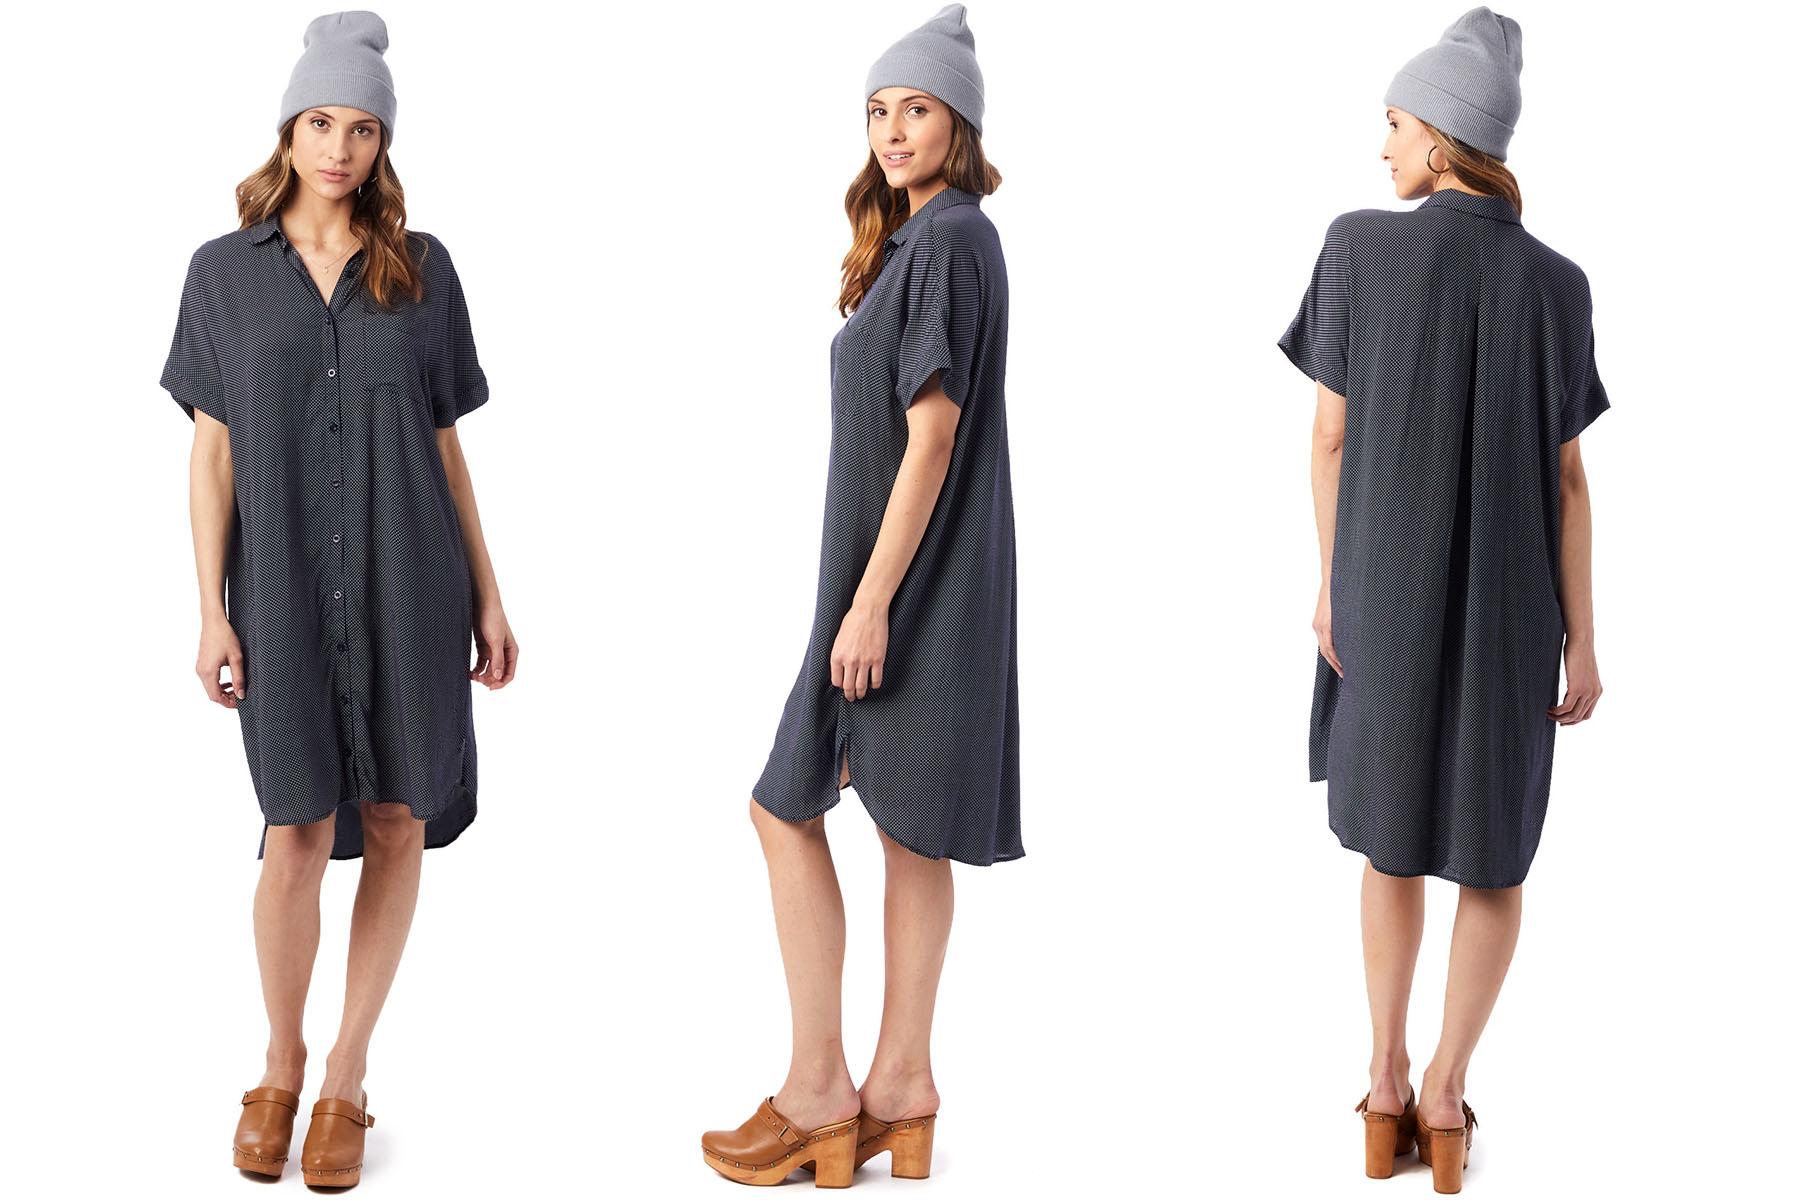 rayon challis printed button down dress